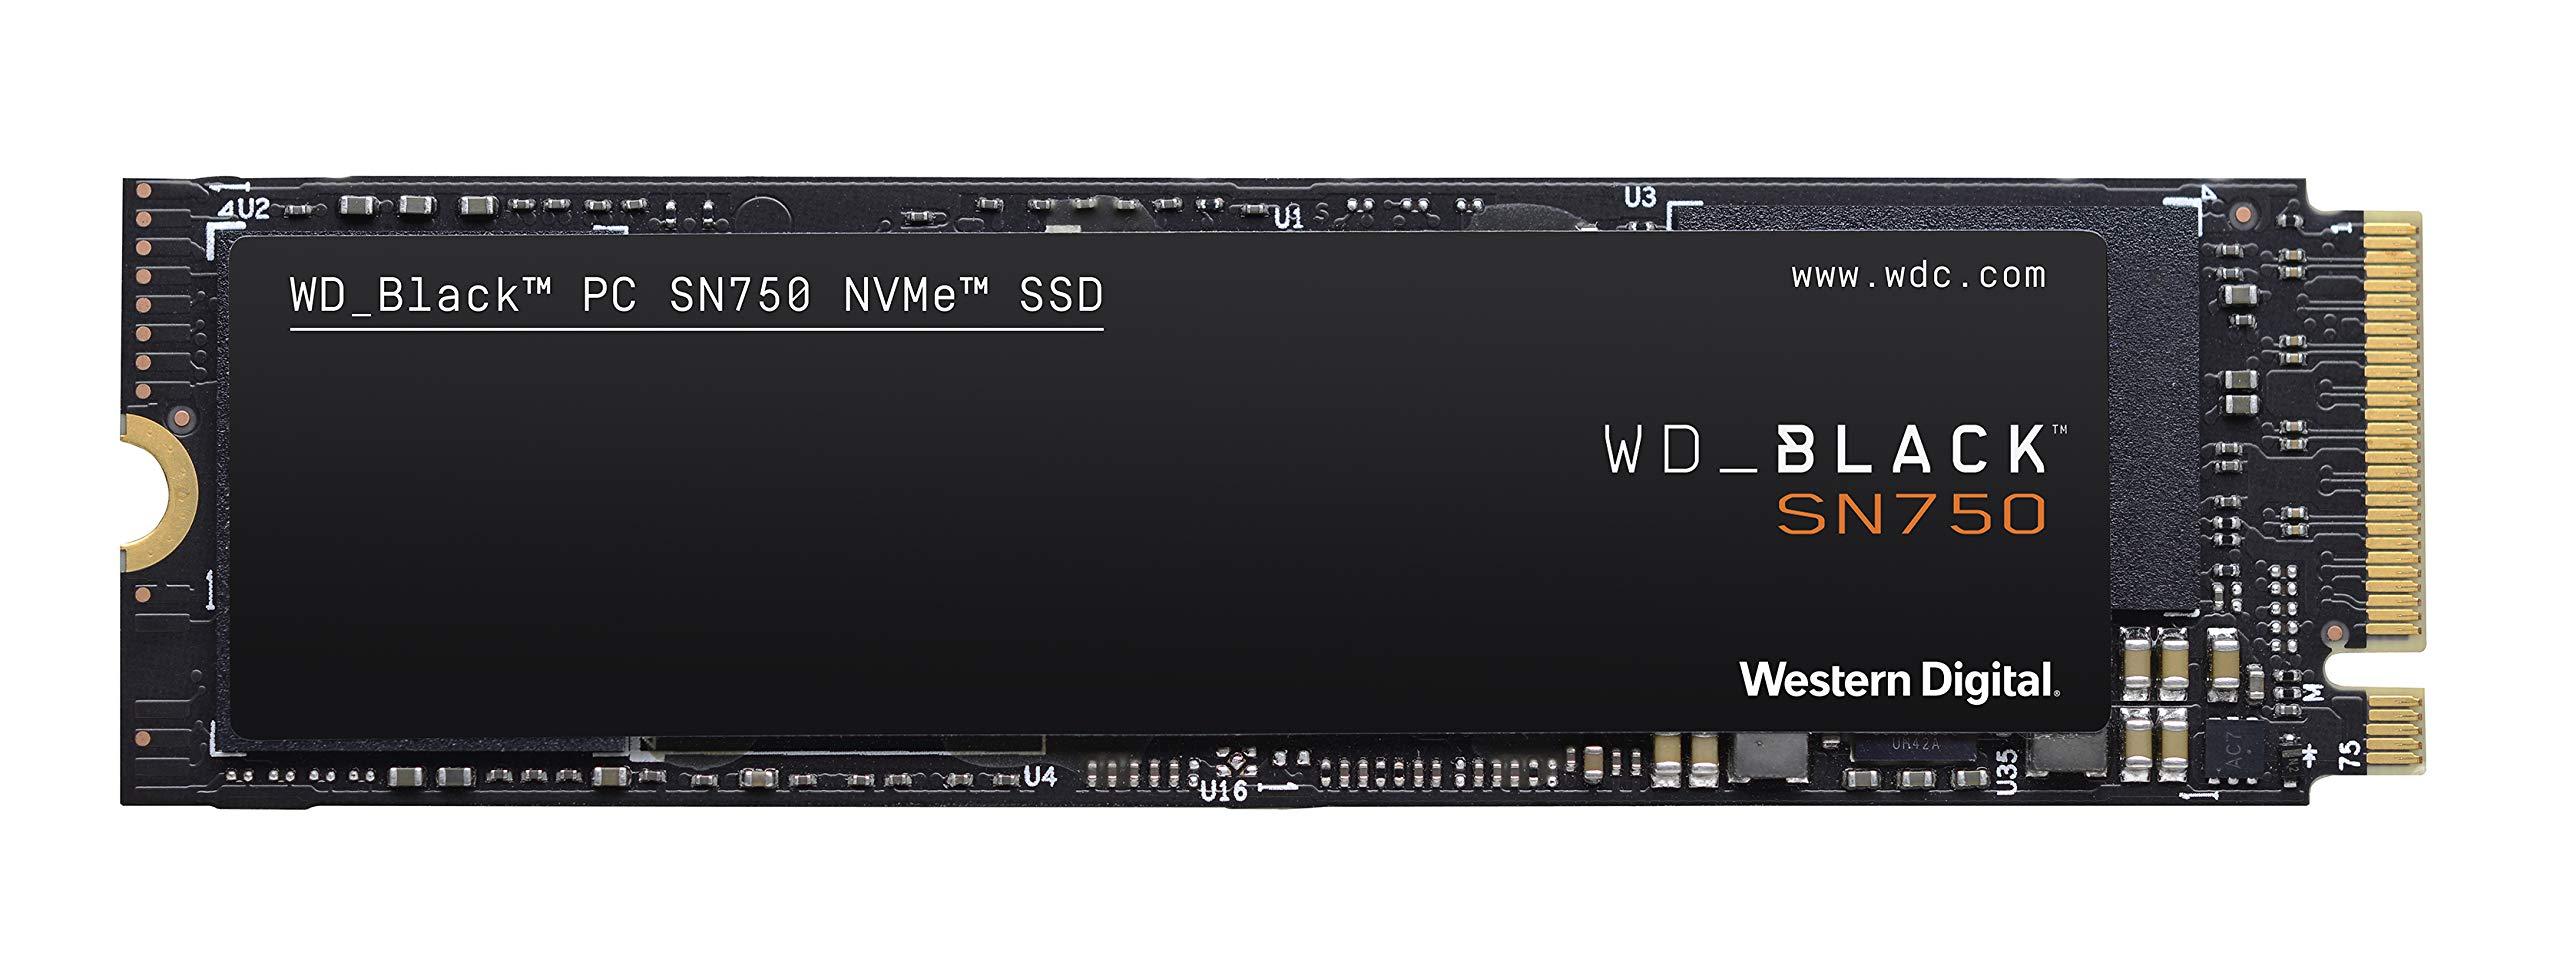 WD 블랙 SN750 500GB/1TB NVMe SSD - Gen3 PCIe, M2 2280, 3D NAND - WDS500G3X0C